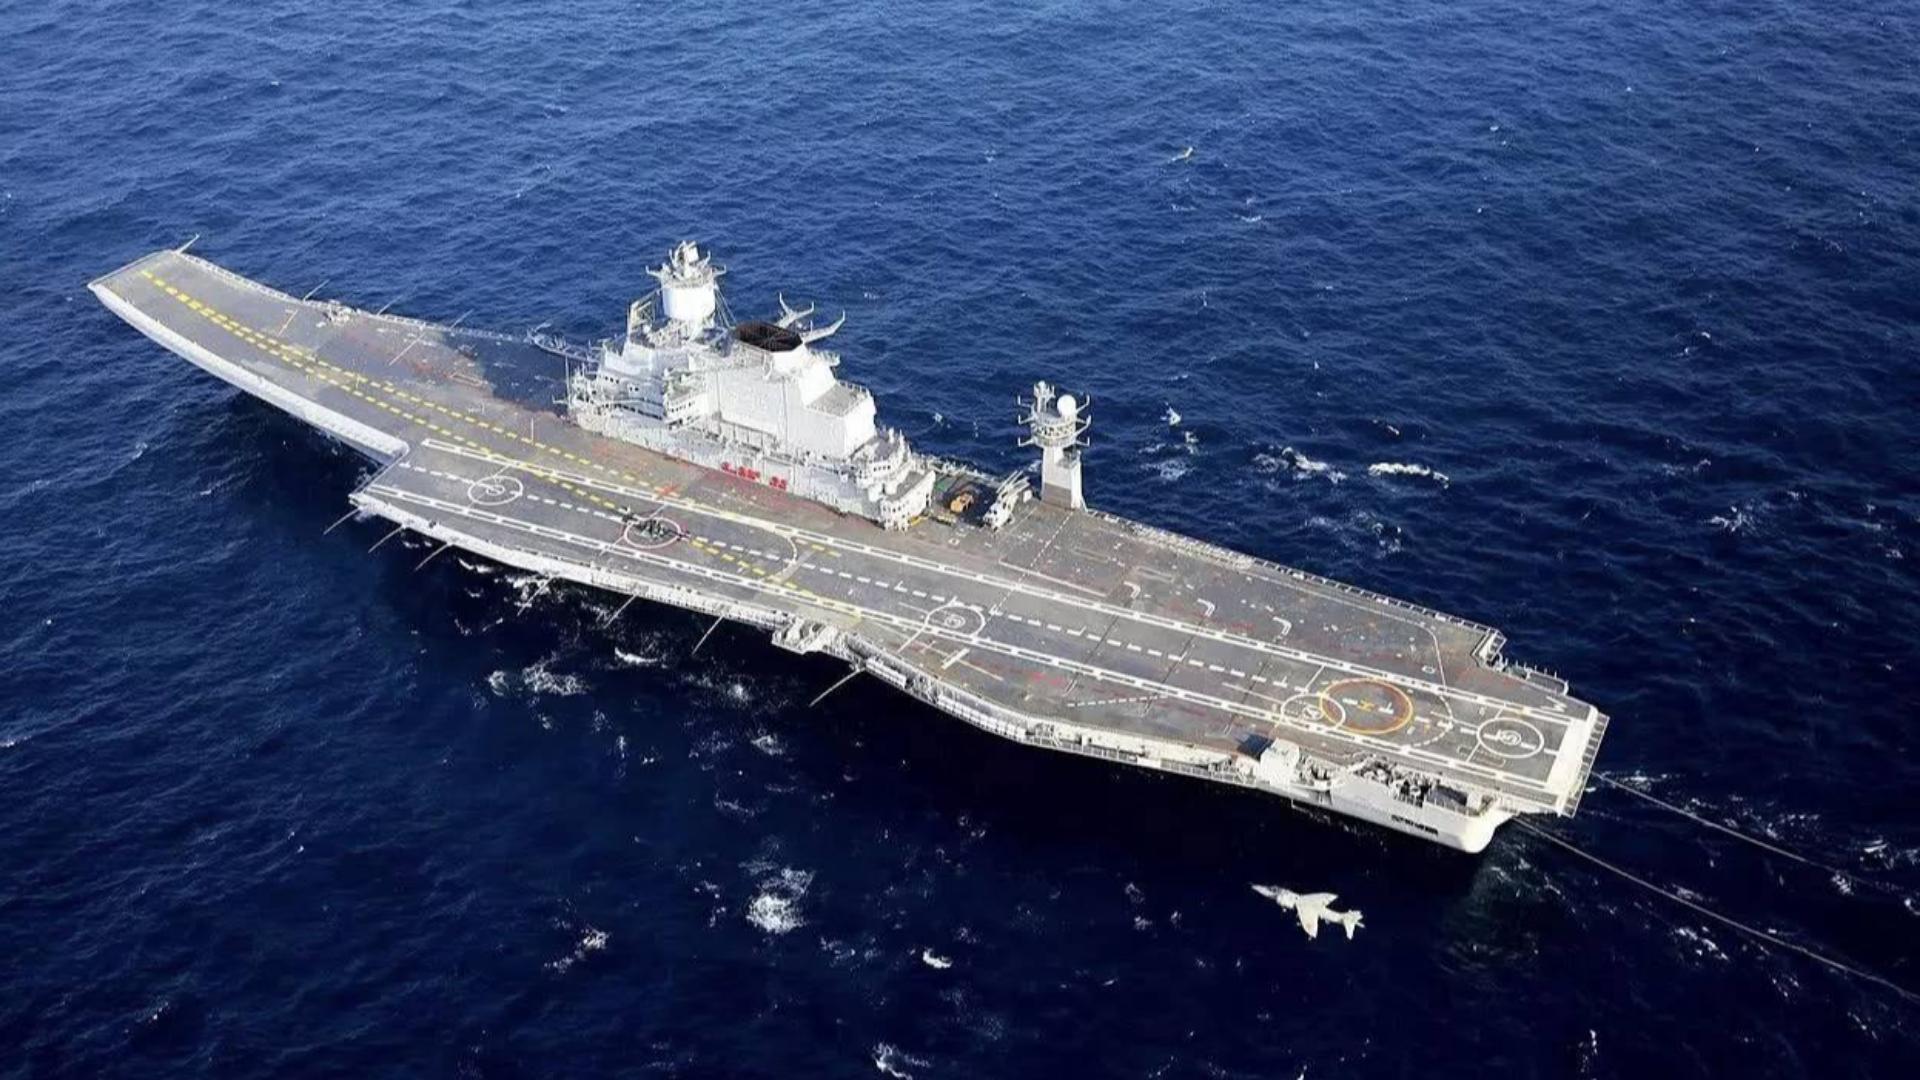 警惕!印度航母服役难就可轻视吗?其航母实战经验远超我们